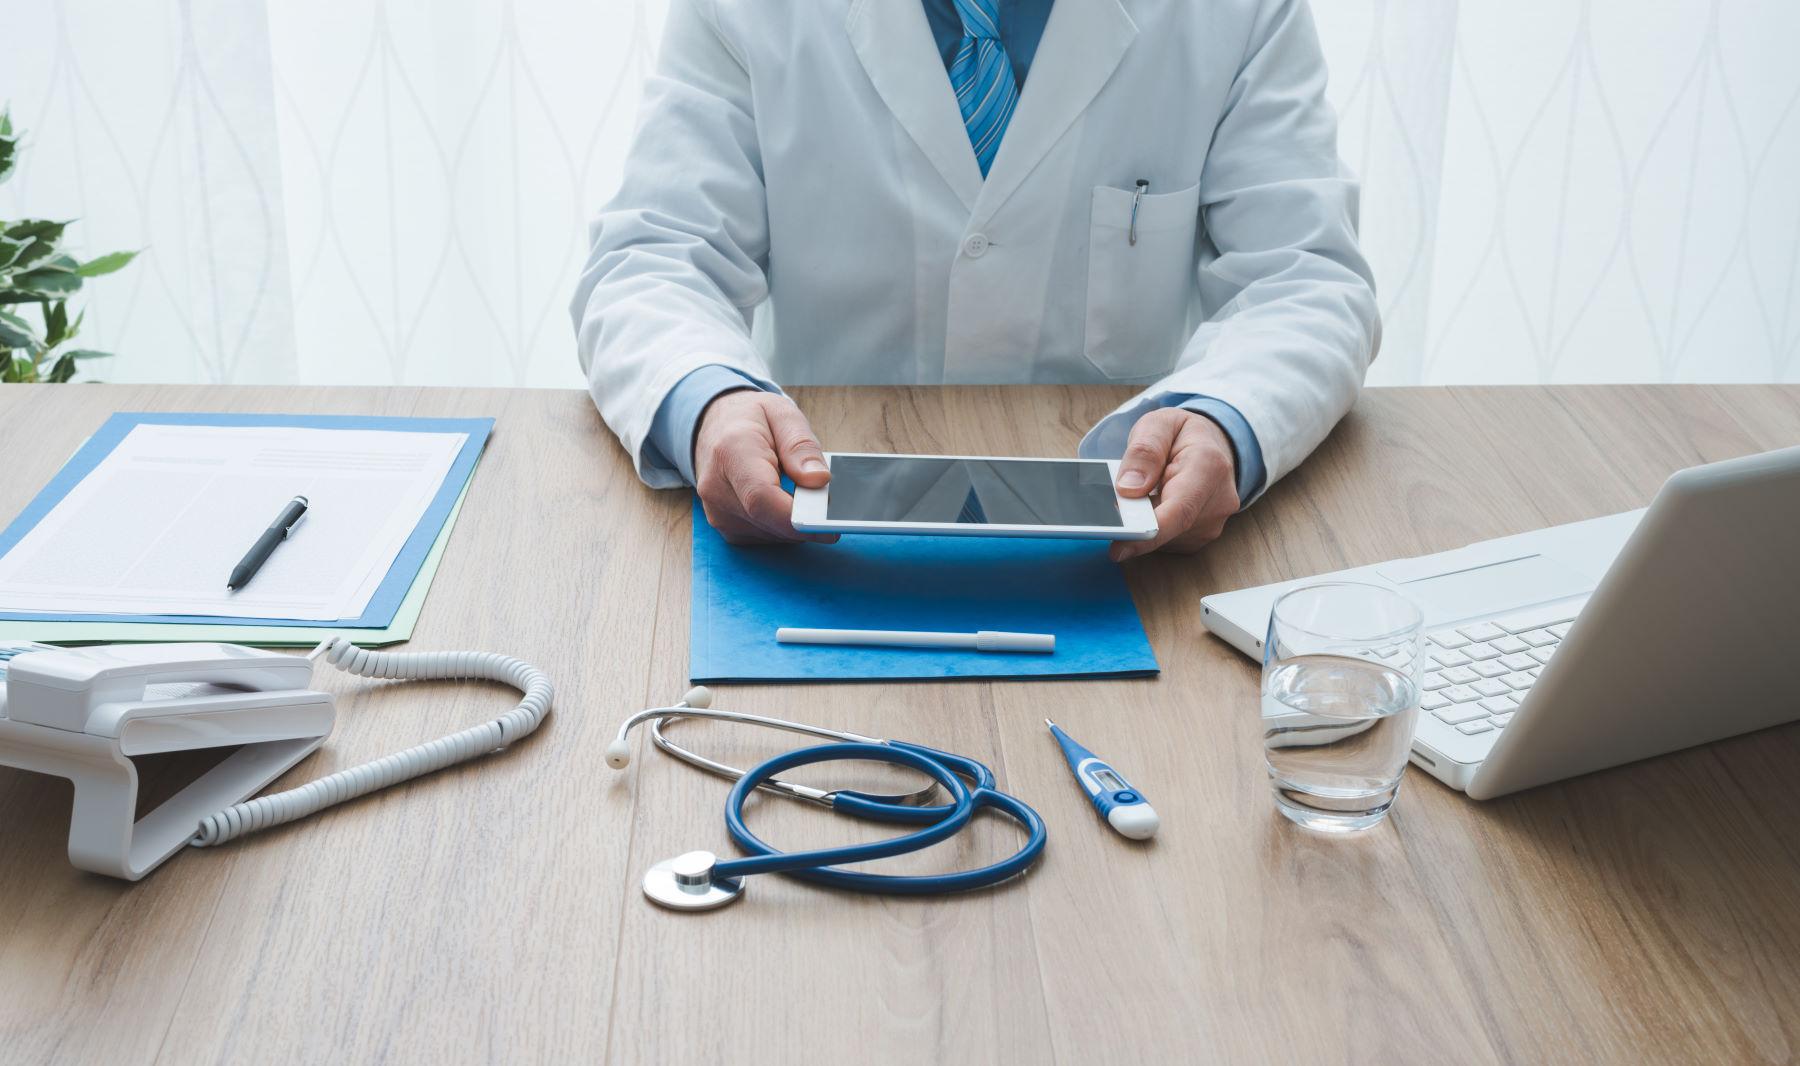 Potwierdzanie zlecenia NFZ na wyroby medyczne – lista placówek NFZ: